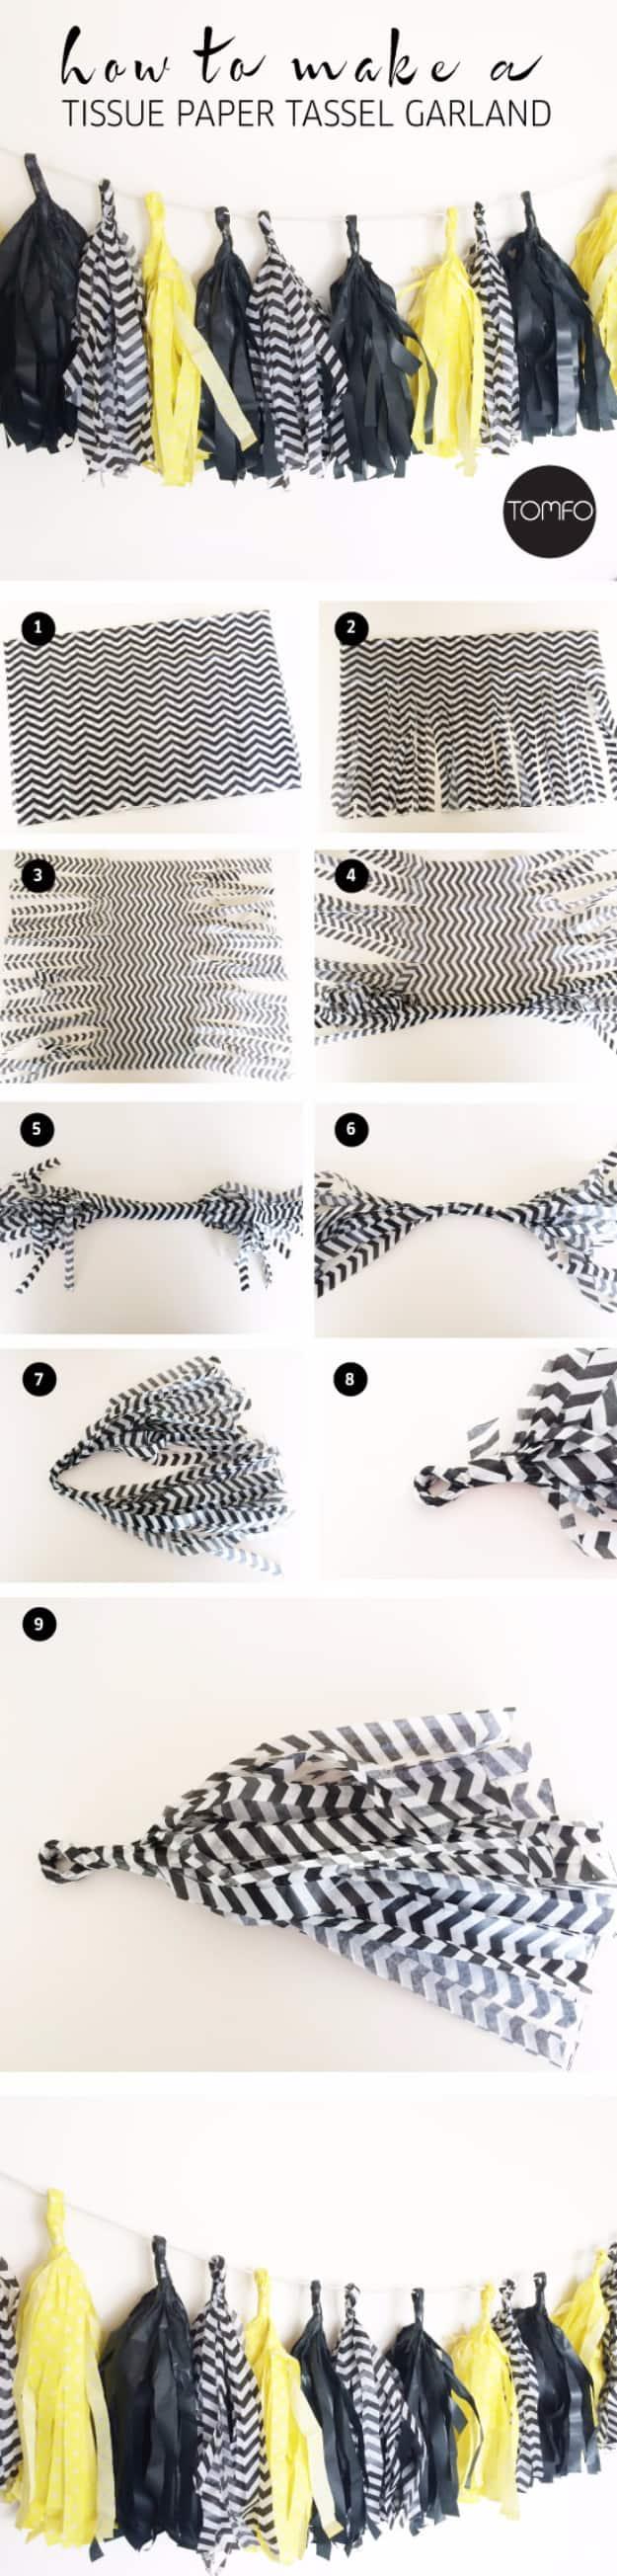 Fringed tissue paper garland